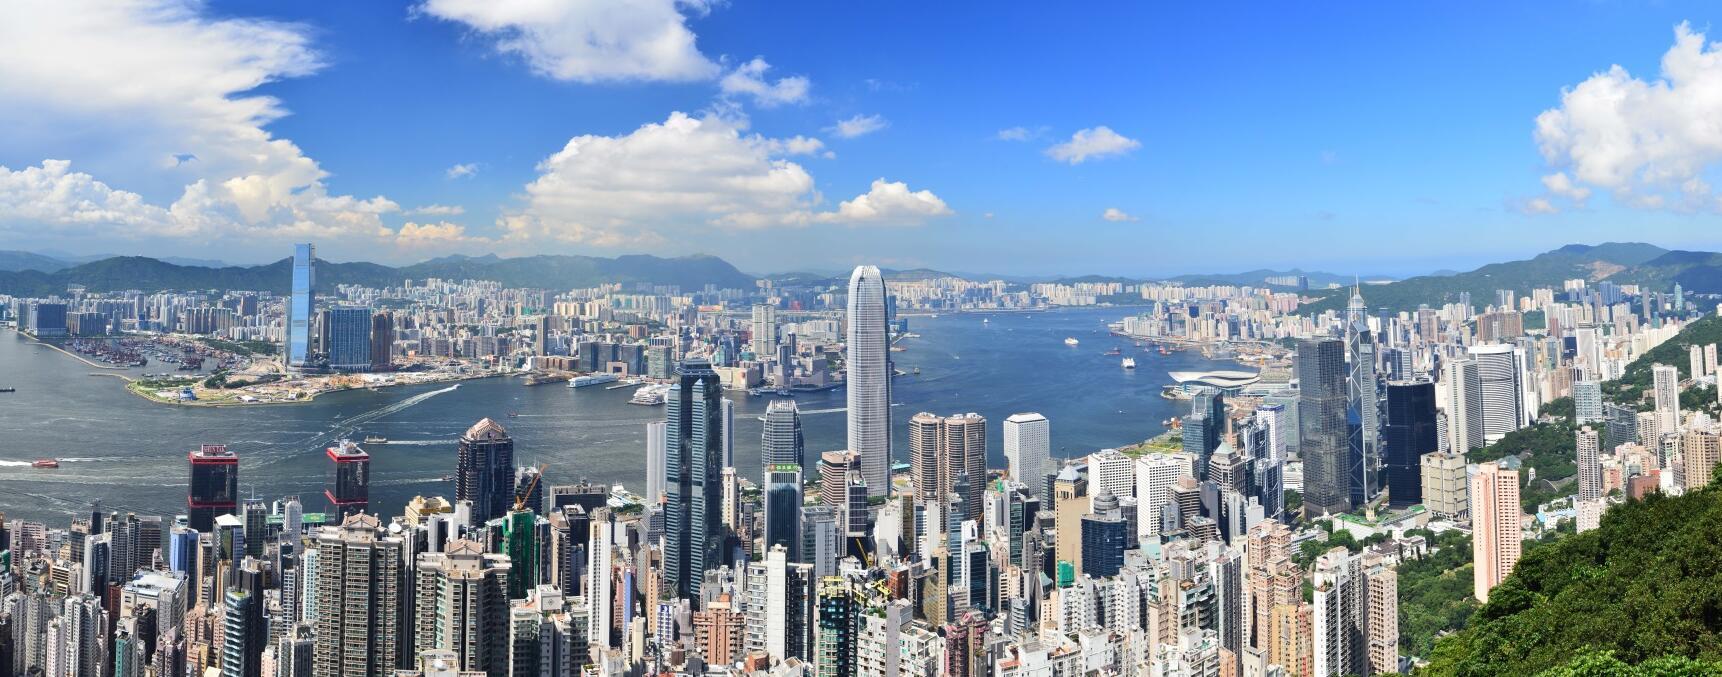 林鄭月娥不同意惠譽降港評級,並強調混亂未削弱「一國兩制」。圖為香港維港兩岸風景。(文匯報資料圖片)